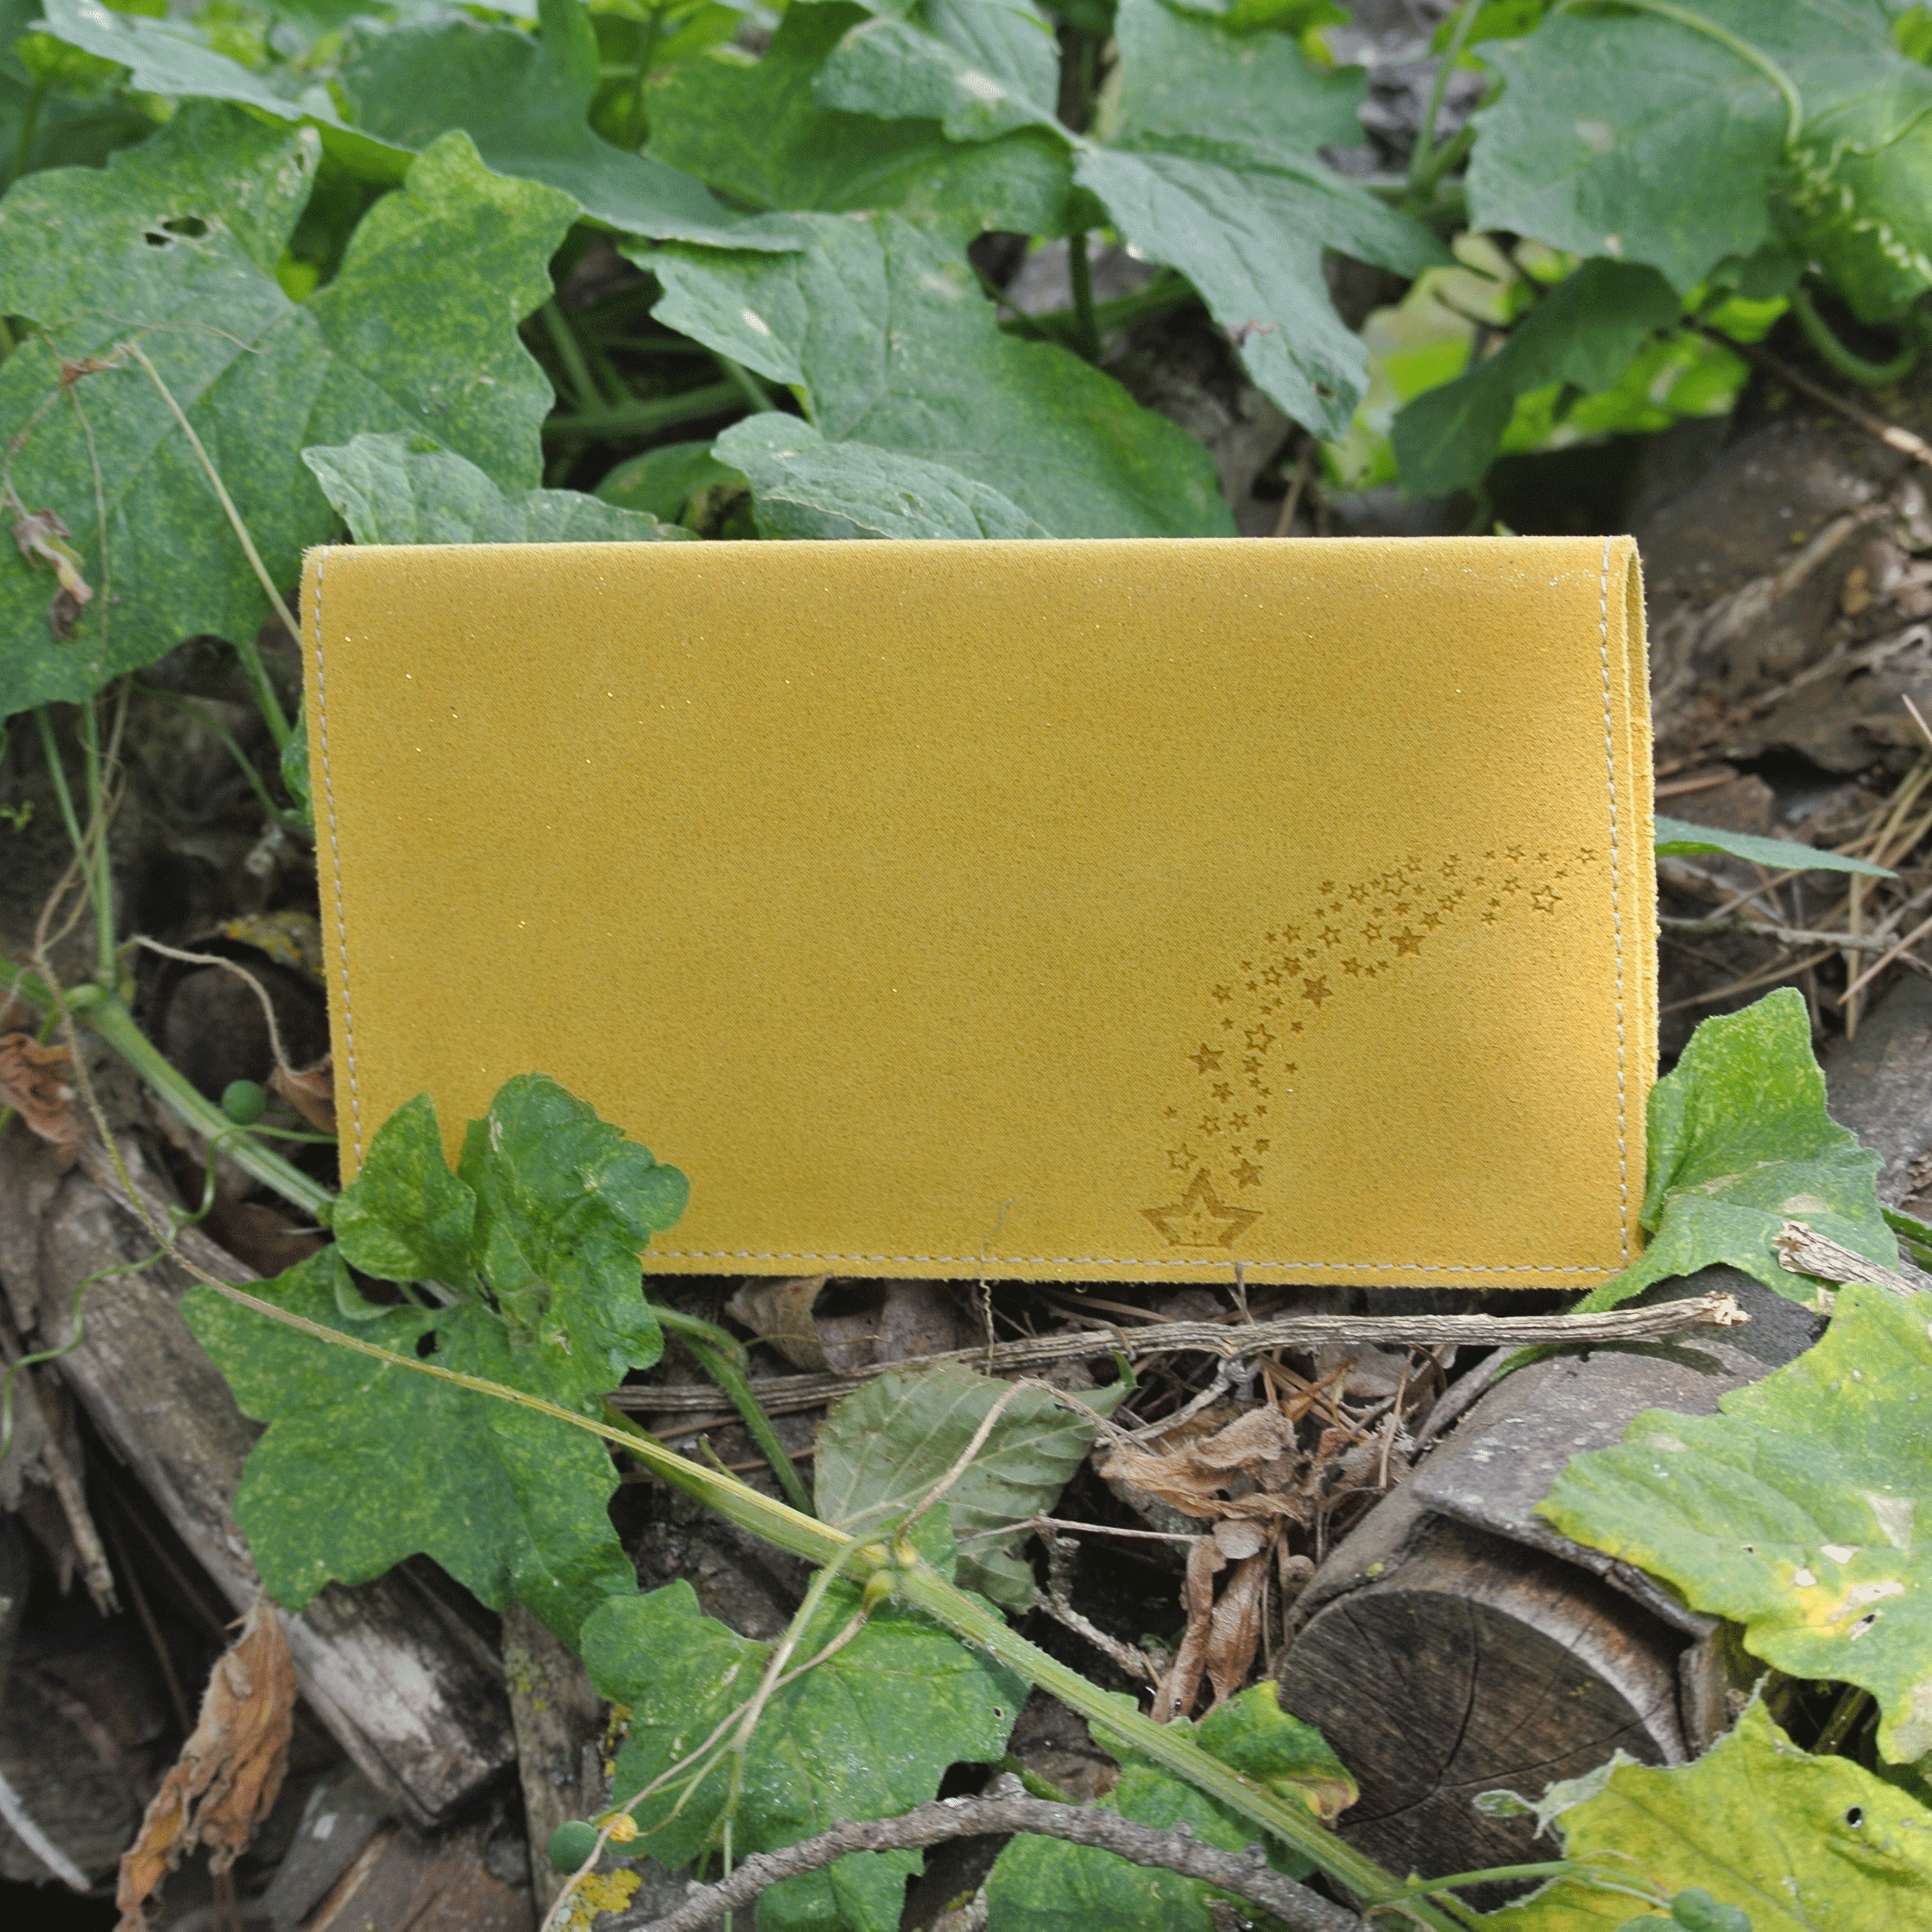 protege-chequier-cuirs-fantaisies-cuir-paillete-cuir-retro-cuir-nappa-cuir-graine-la-cartabliere-fabirque-en-france-jaune-safran